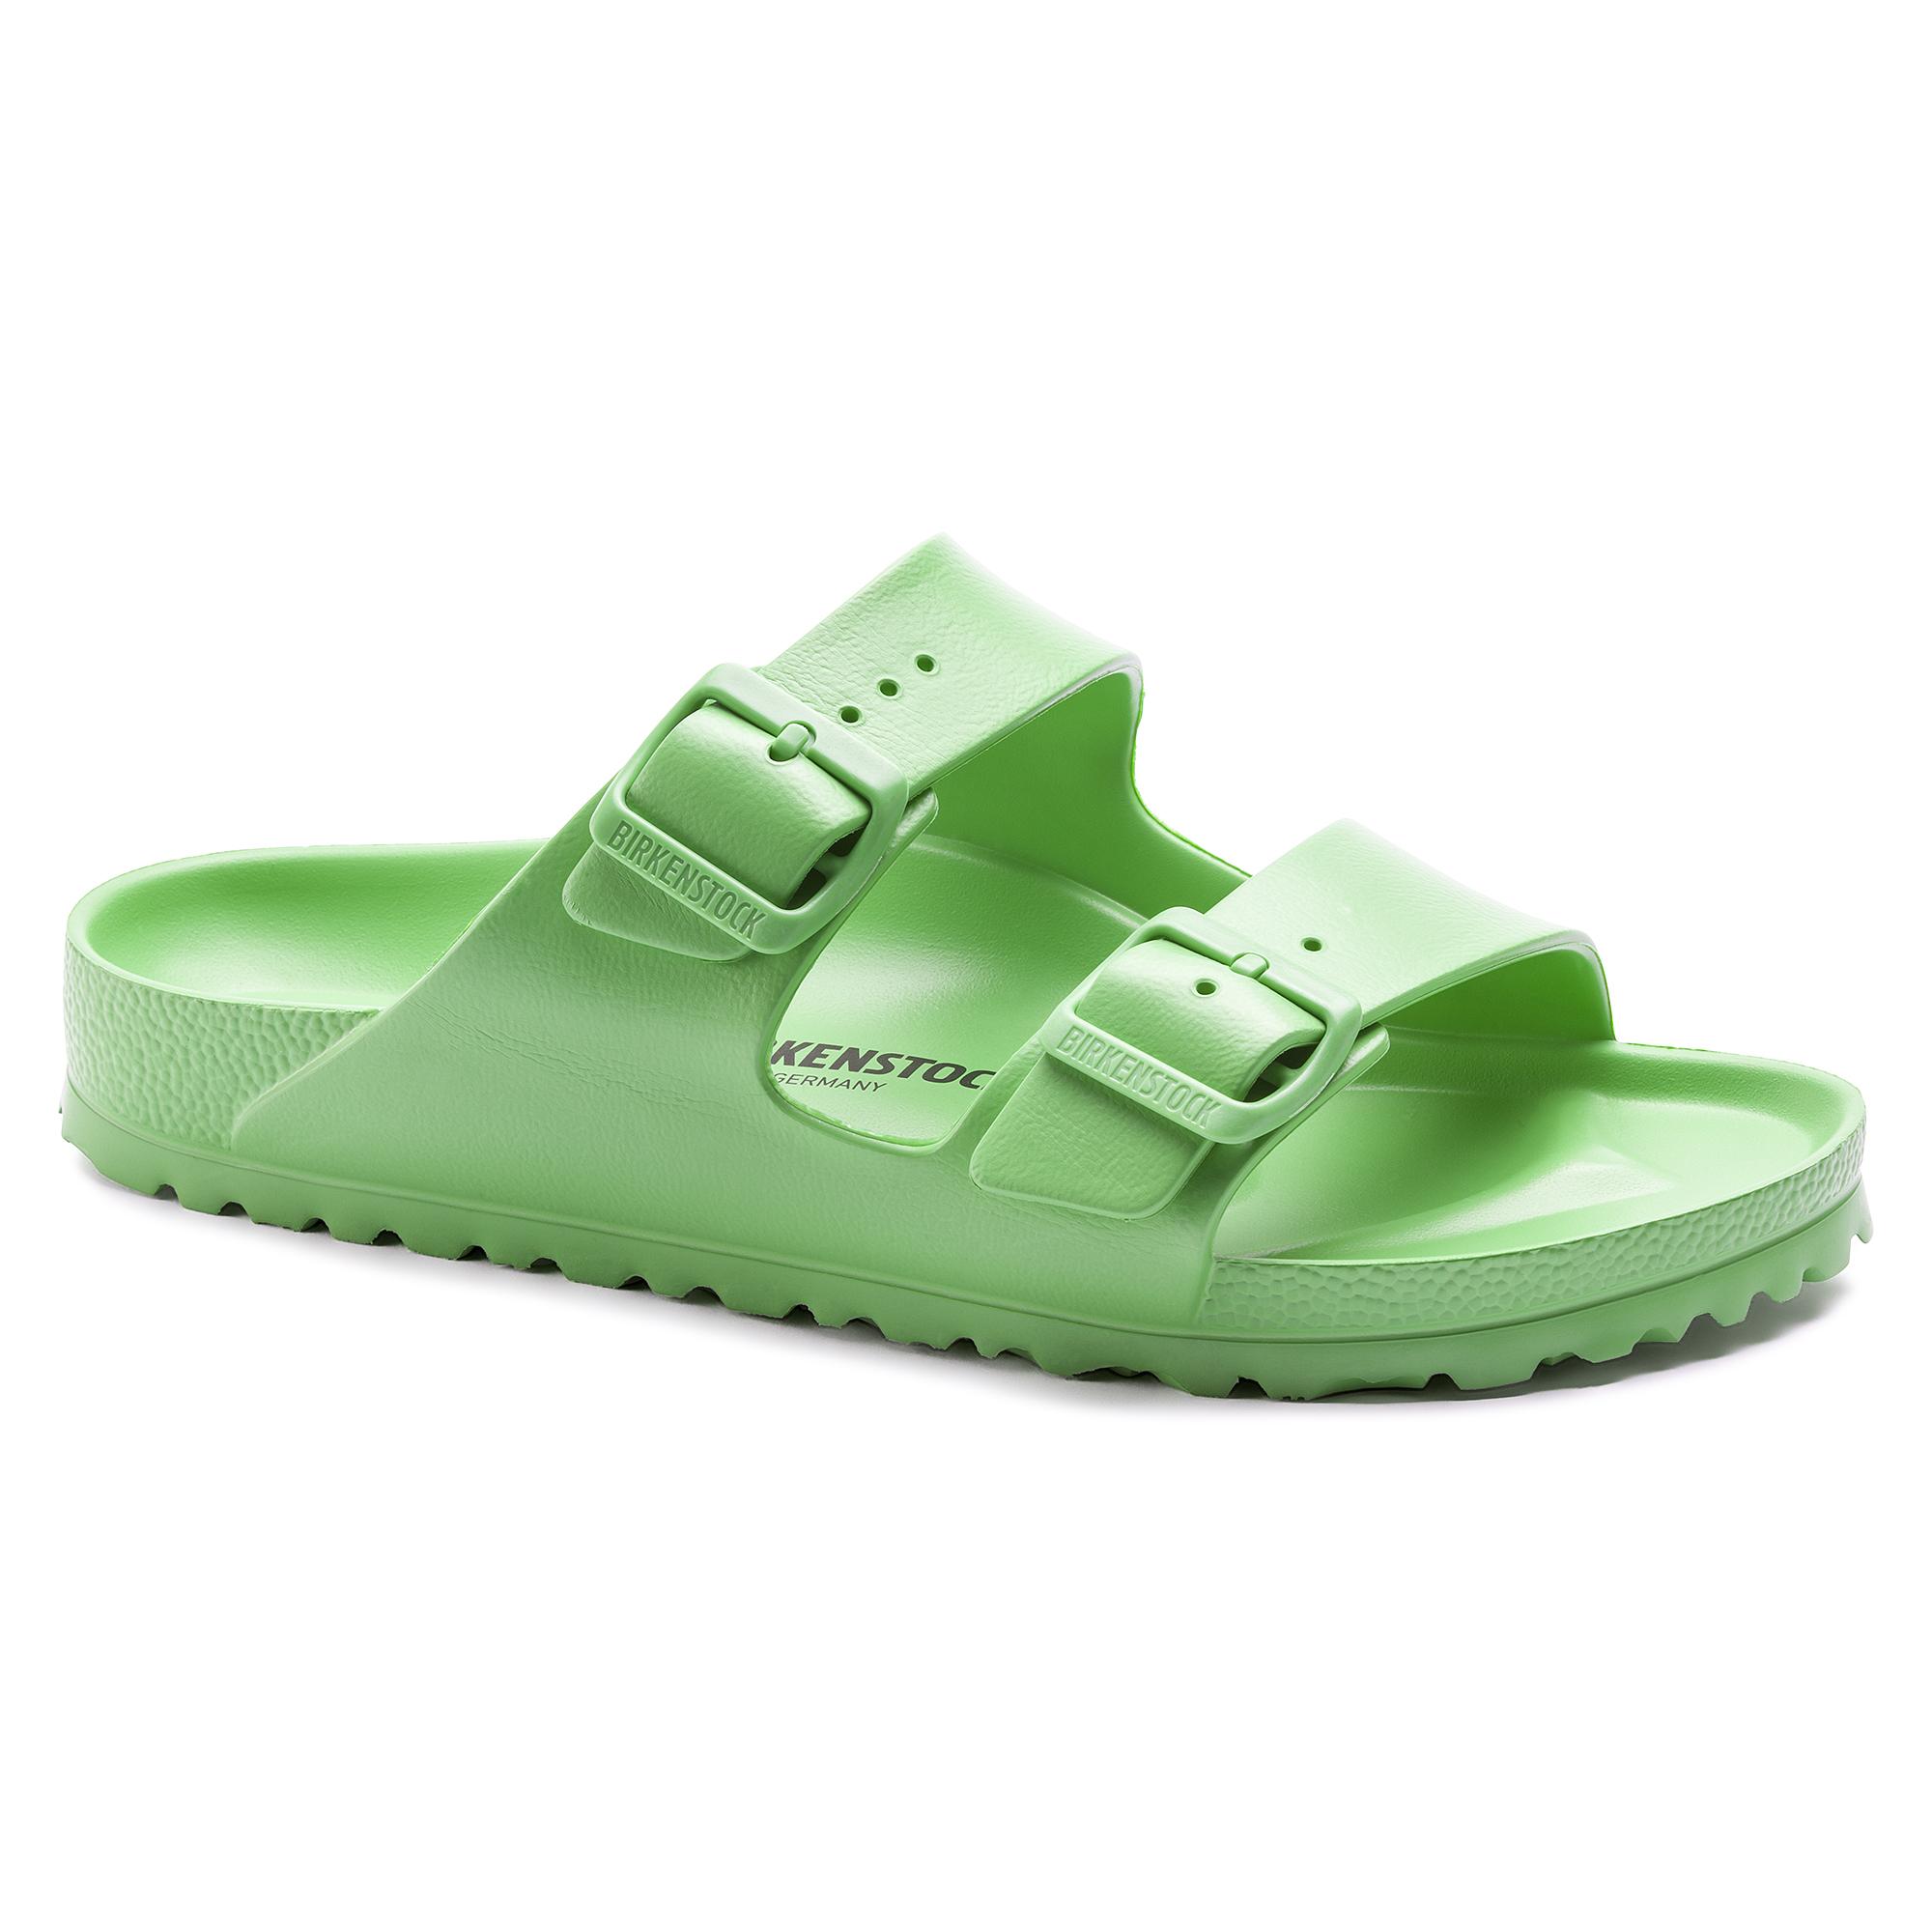 Birkenstock Arizona Essentials Eva Green Sandals